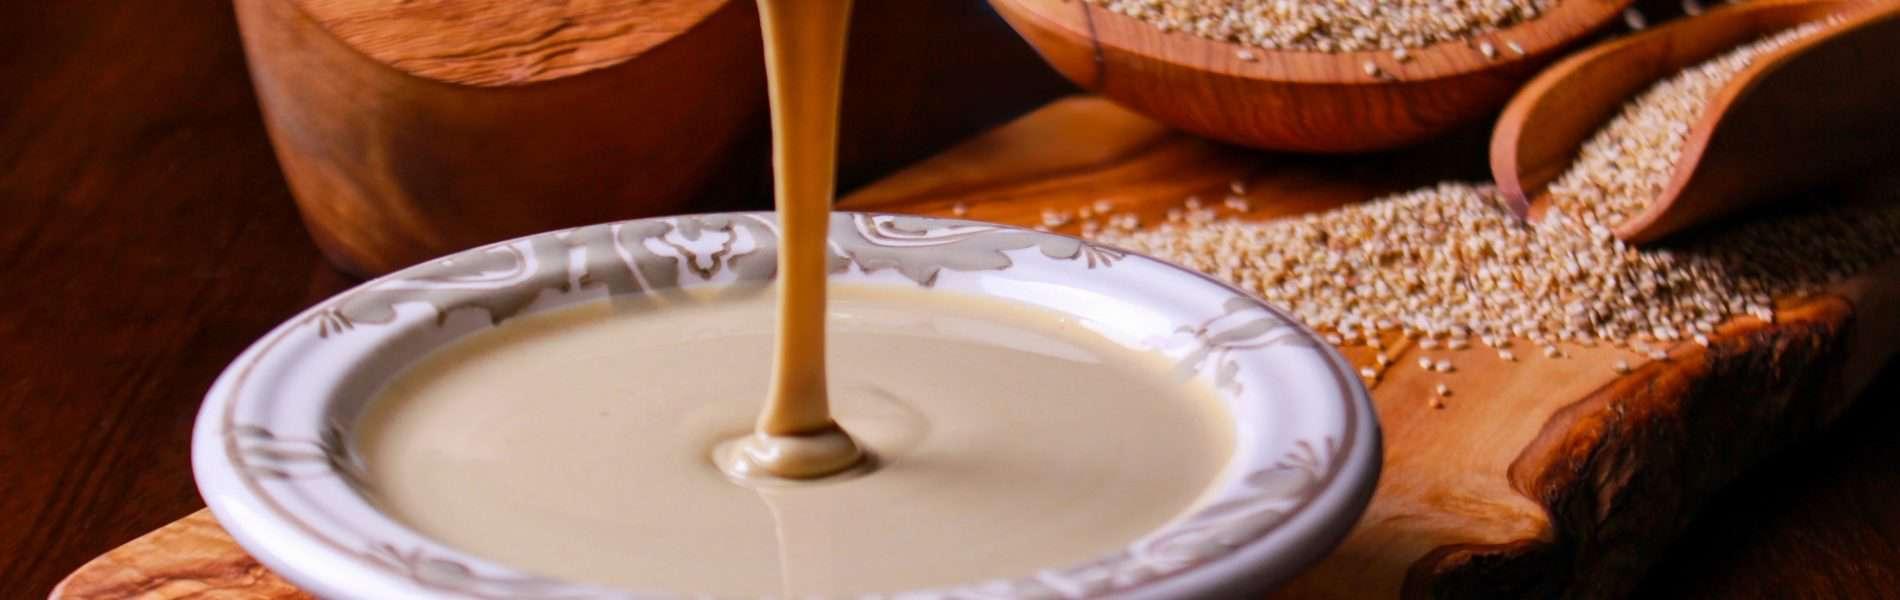 סלק, סויה, שוקולד ודבש: 4 שילובים מפתיעים ומעולים עם טחינה